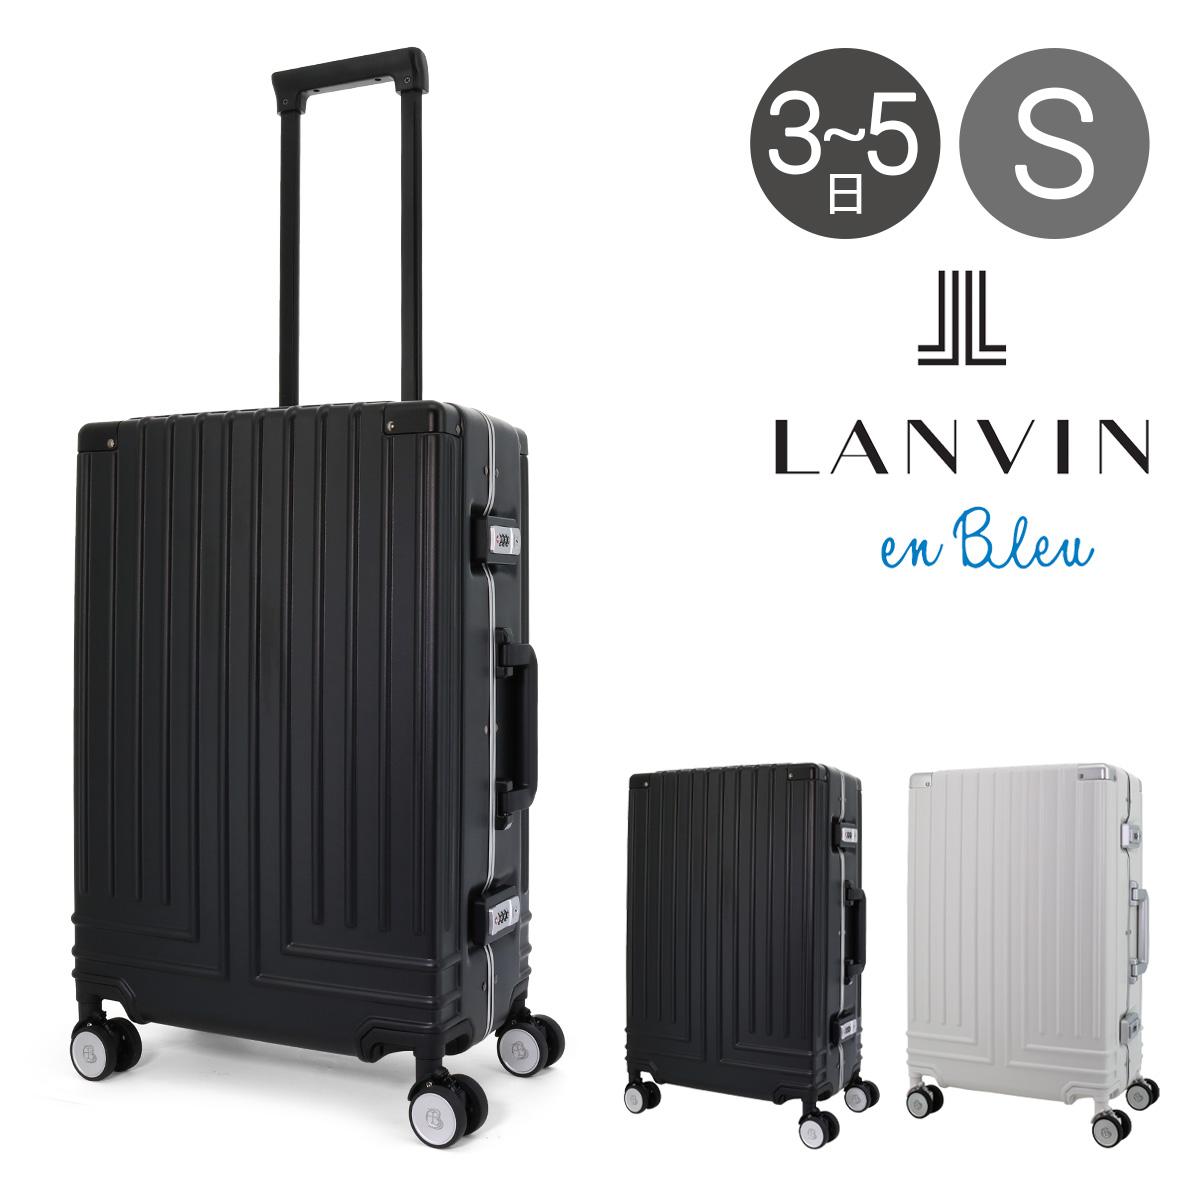 ランバンオンブルー スーツケース 595312 56cm 【 LANVIN en Bleu ヴィラージュ 】【 キャリーケース キャリーバッグ ビジネスキャリー フレーム 】[bef][即日発送]